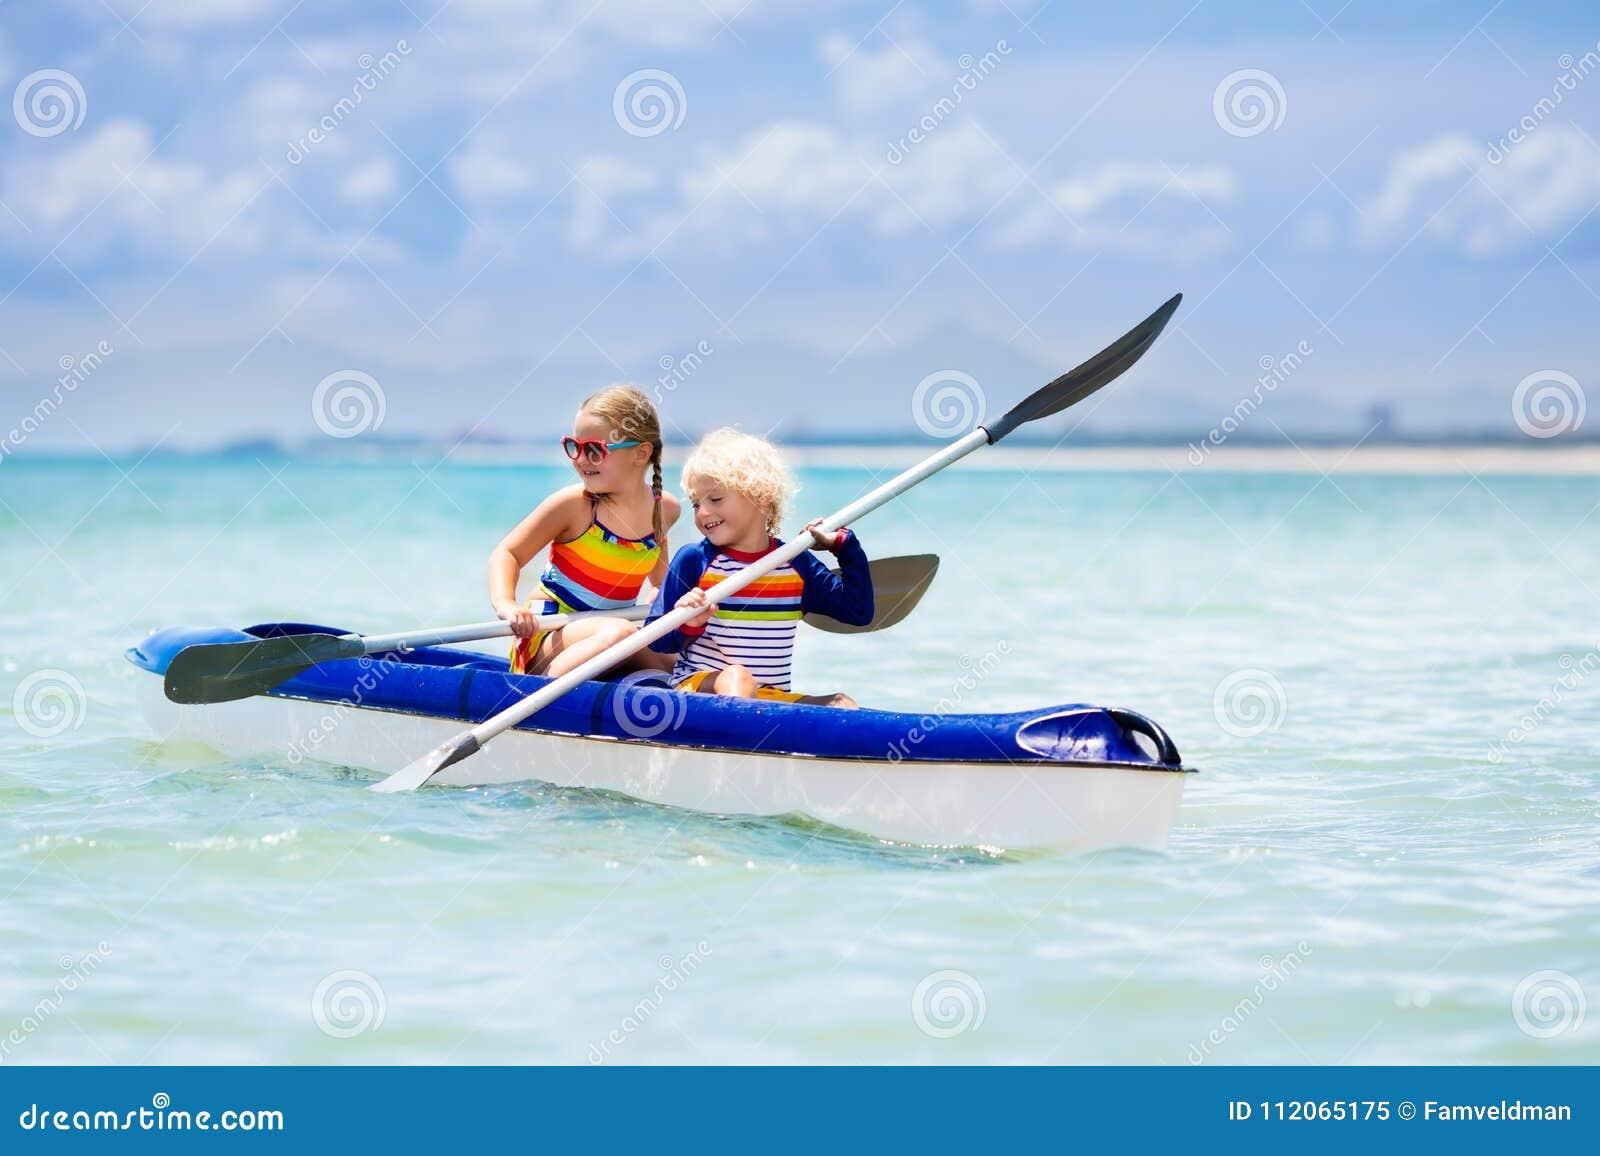 Kids Kayaking In Ocean  Children In Kayak In Tropical Sea